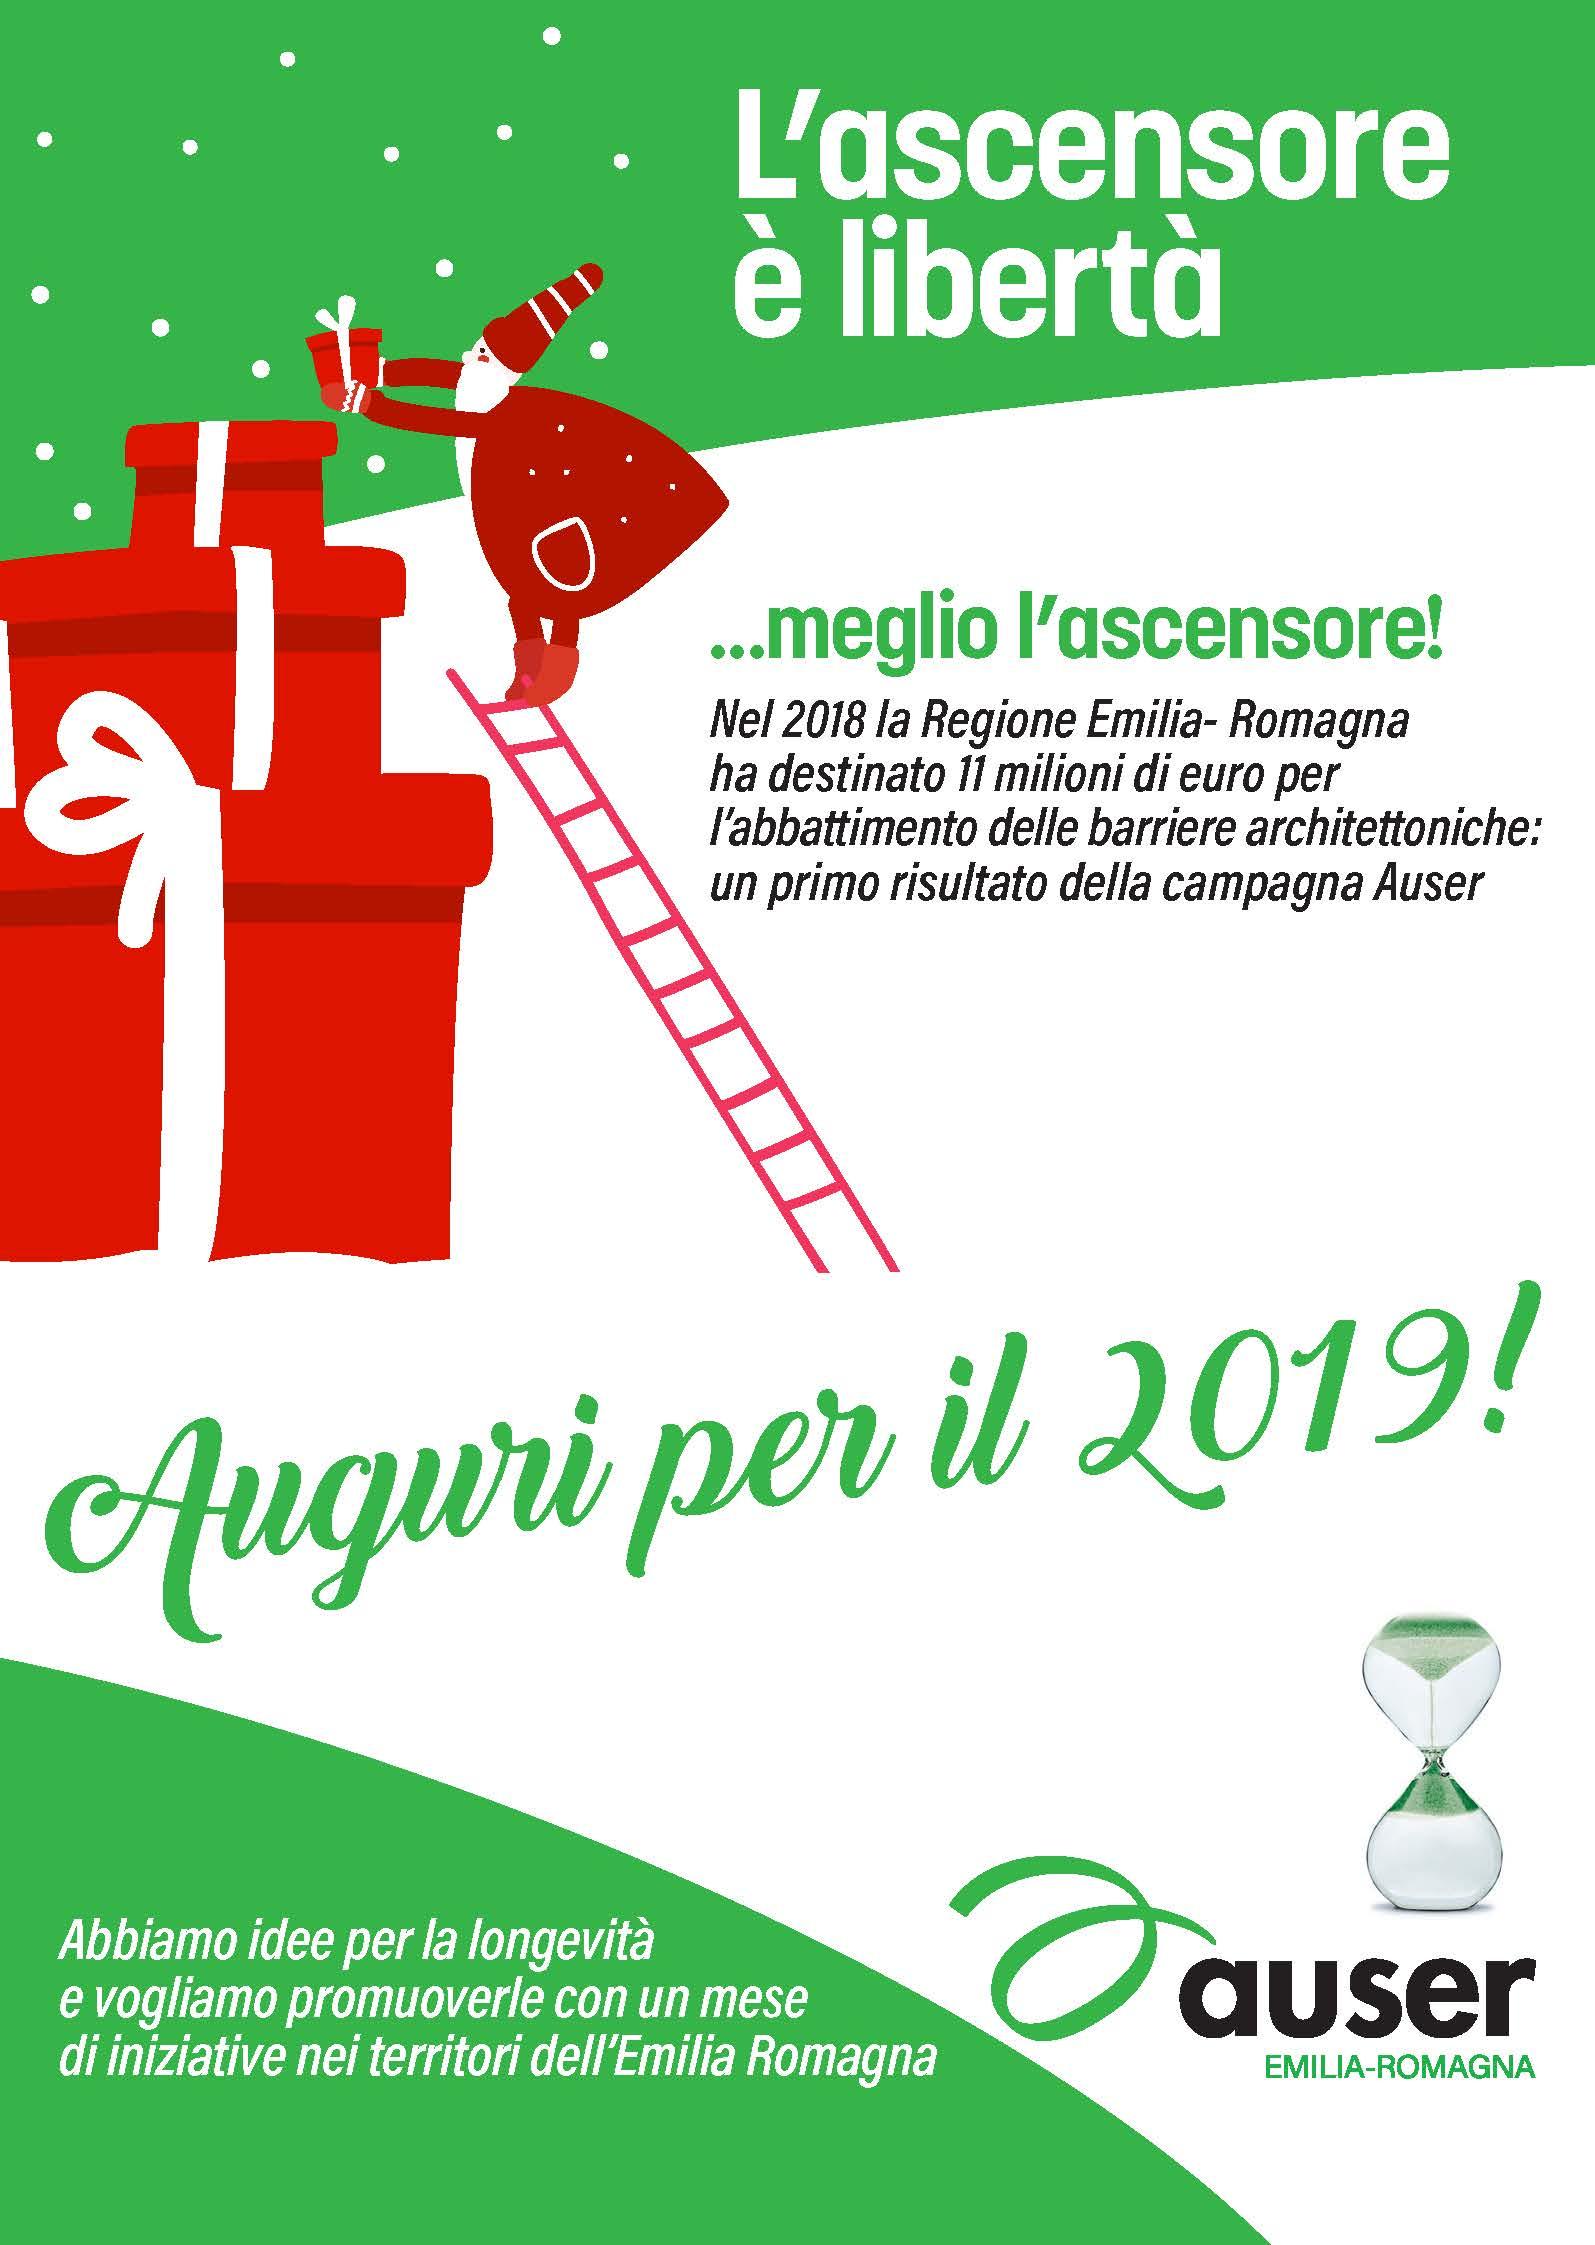 Gli auguri di Natale dall'Auser Emilia Romagna